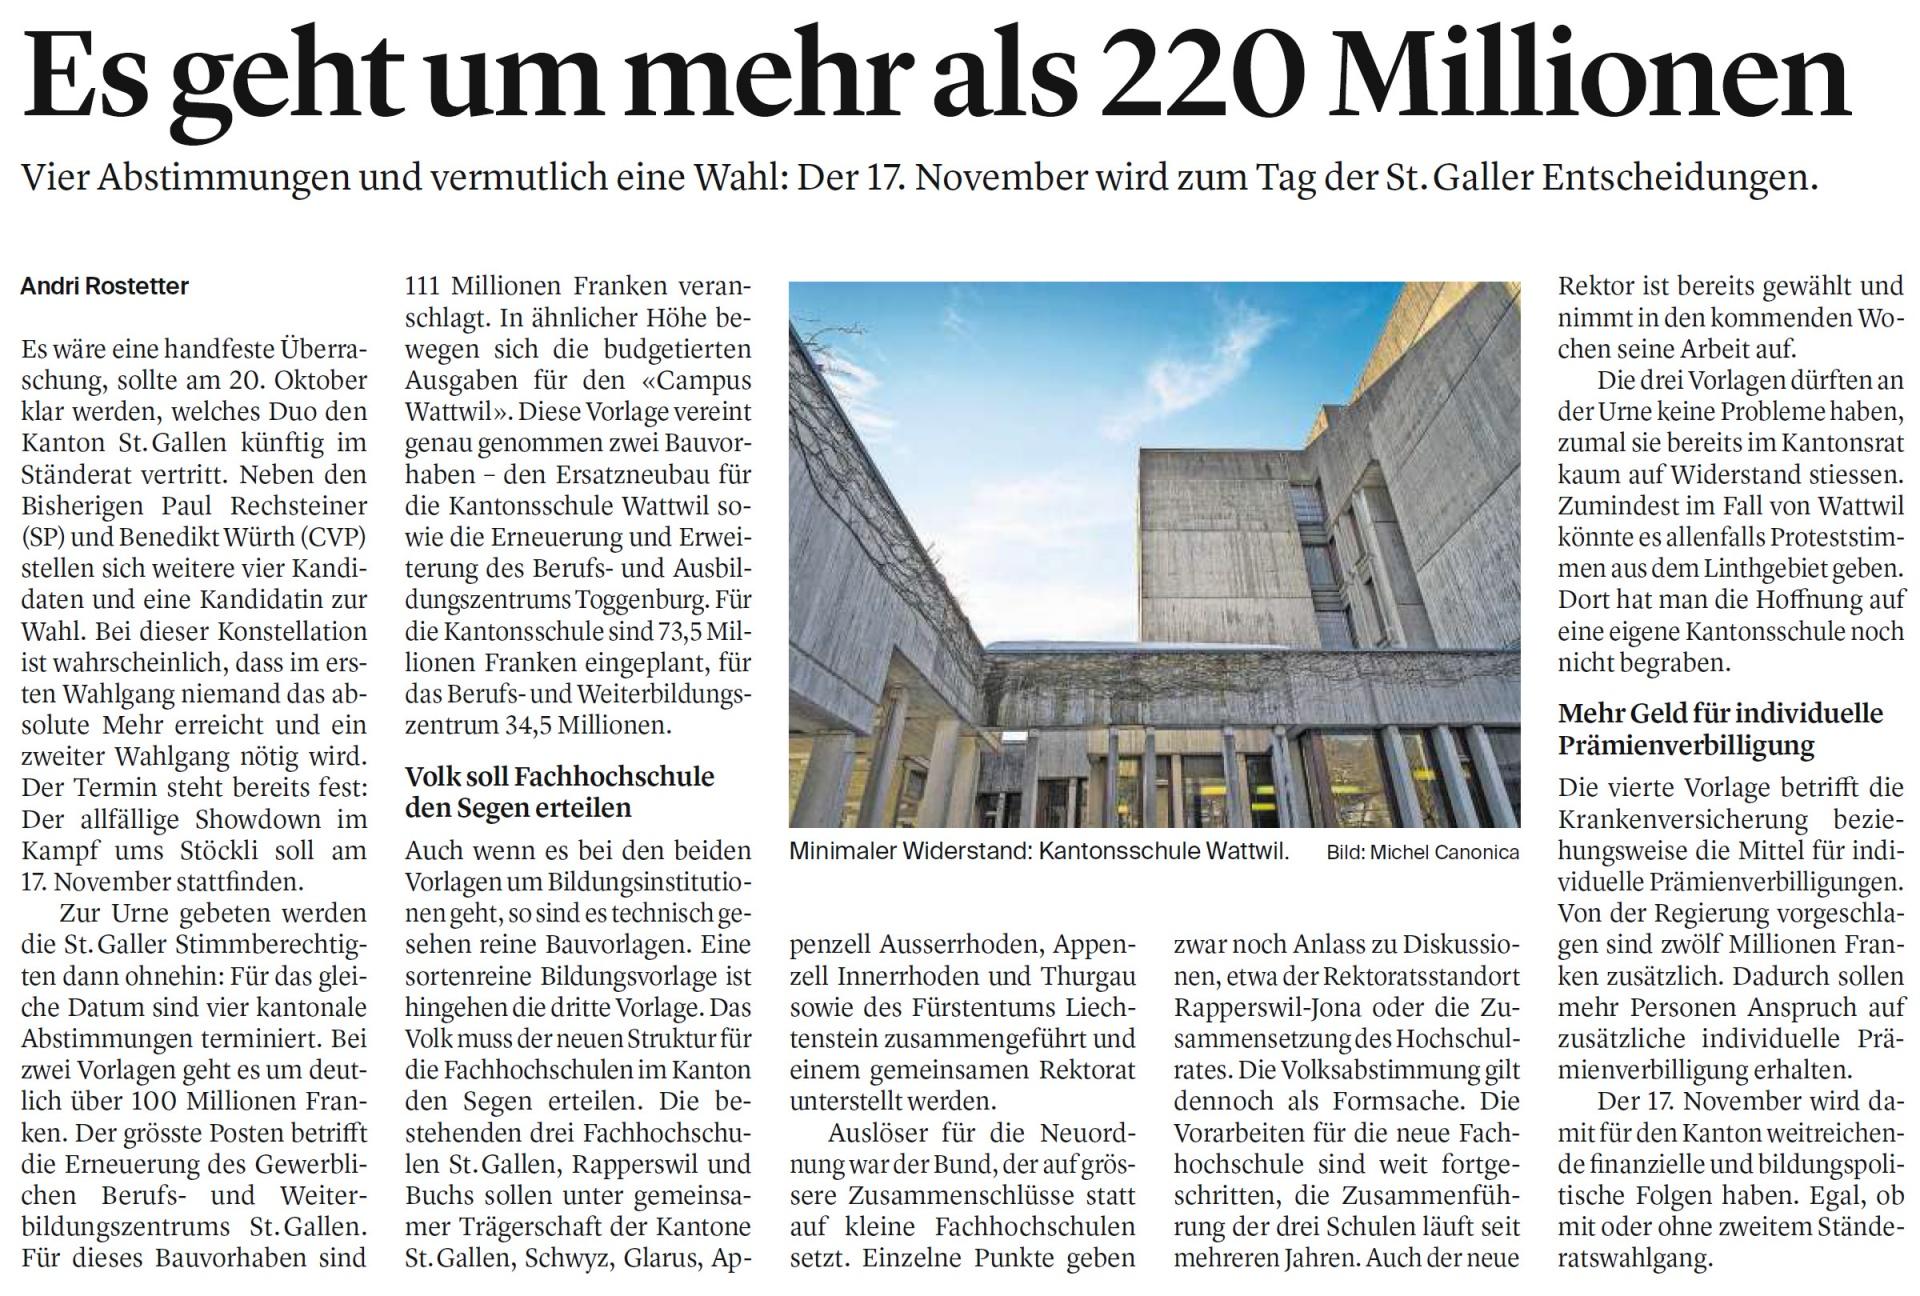 Es geht um mehr als 220 Millionen (Montag, 02.09.2019)